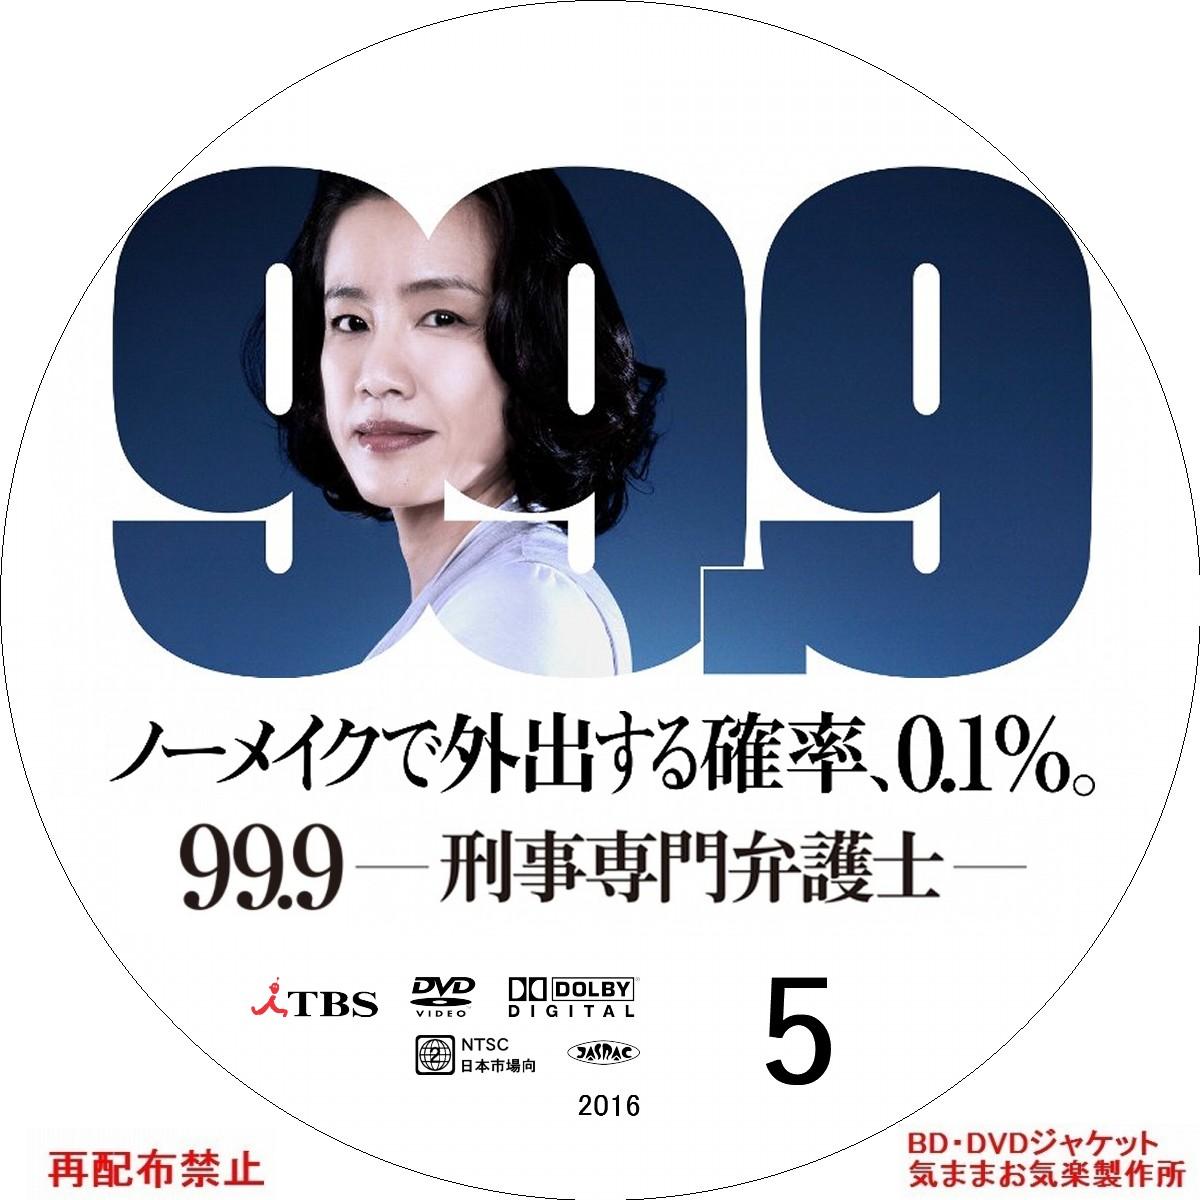 999_DVD05b.jpg